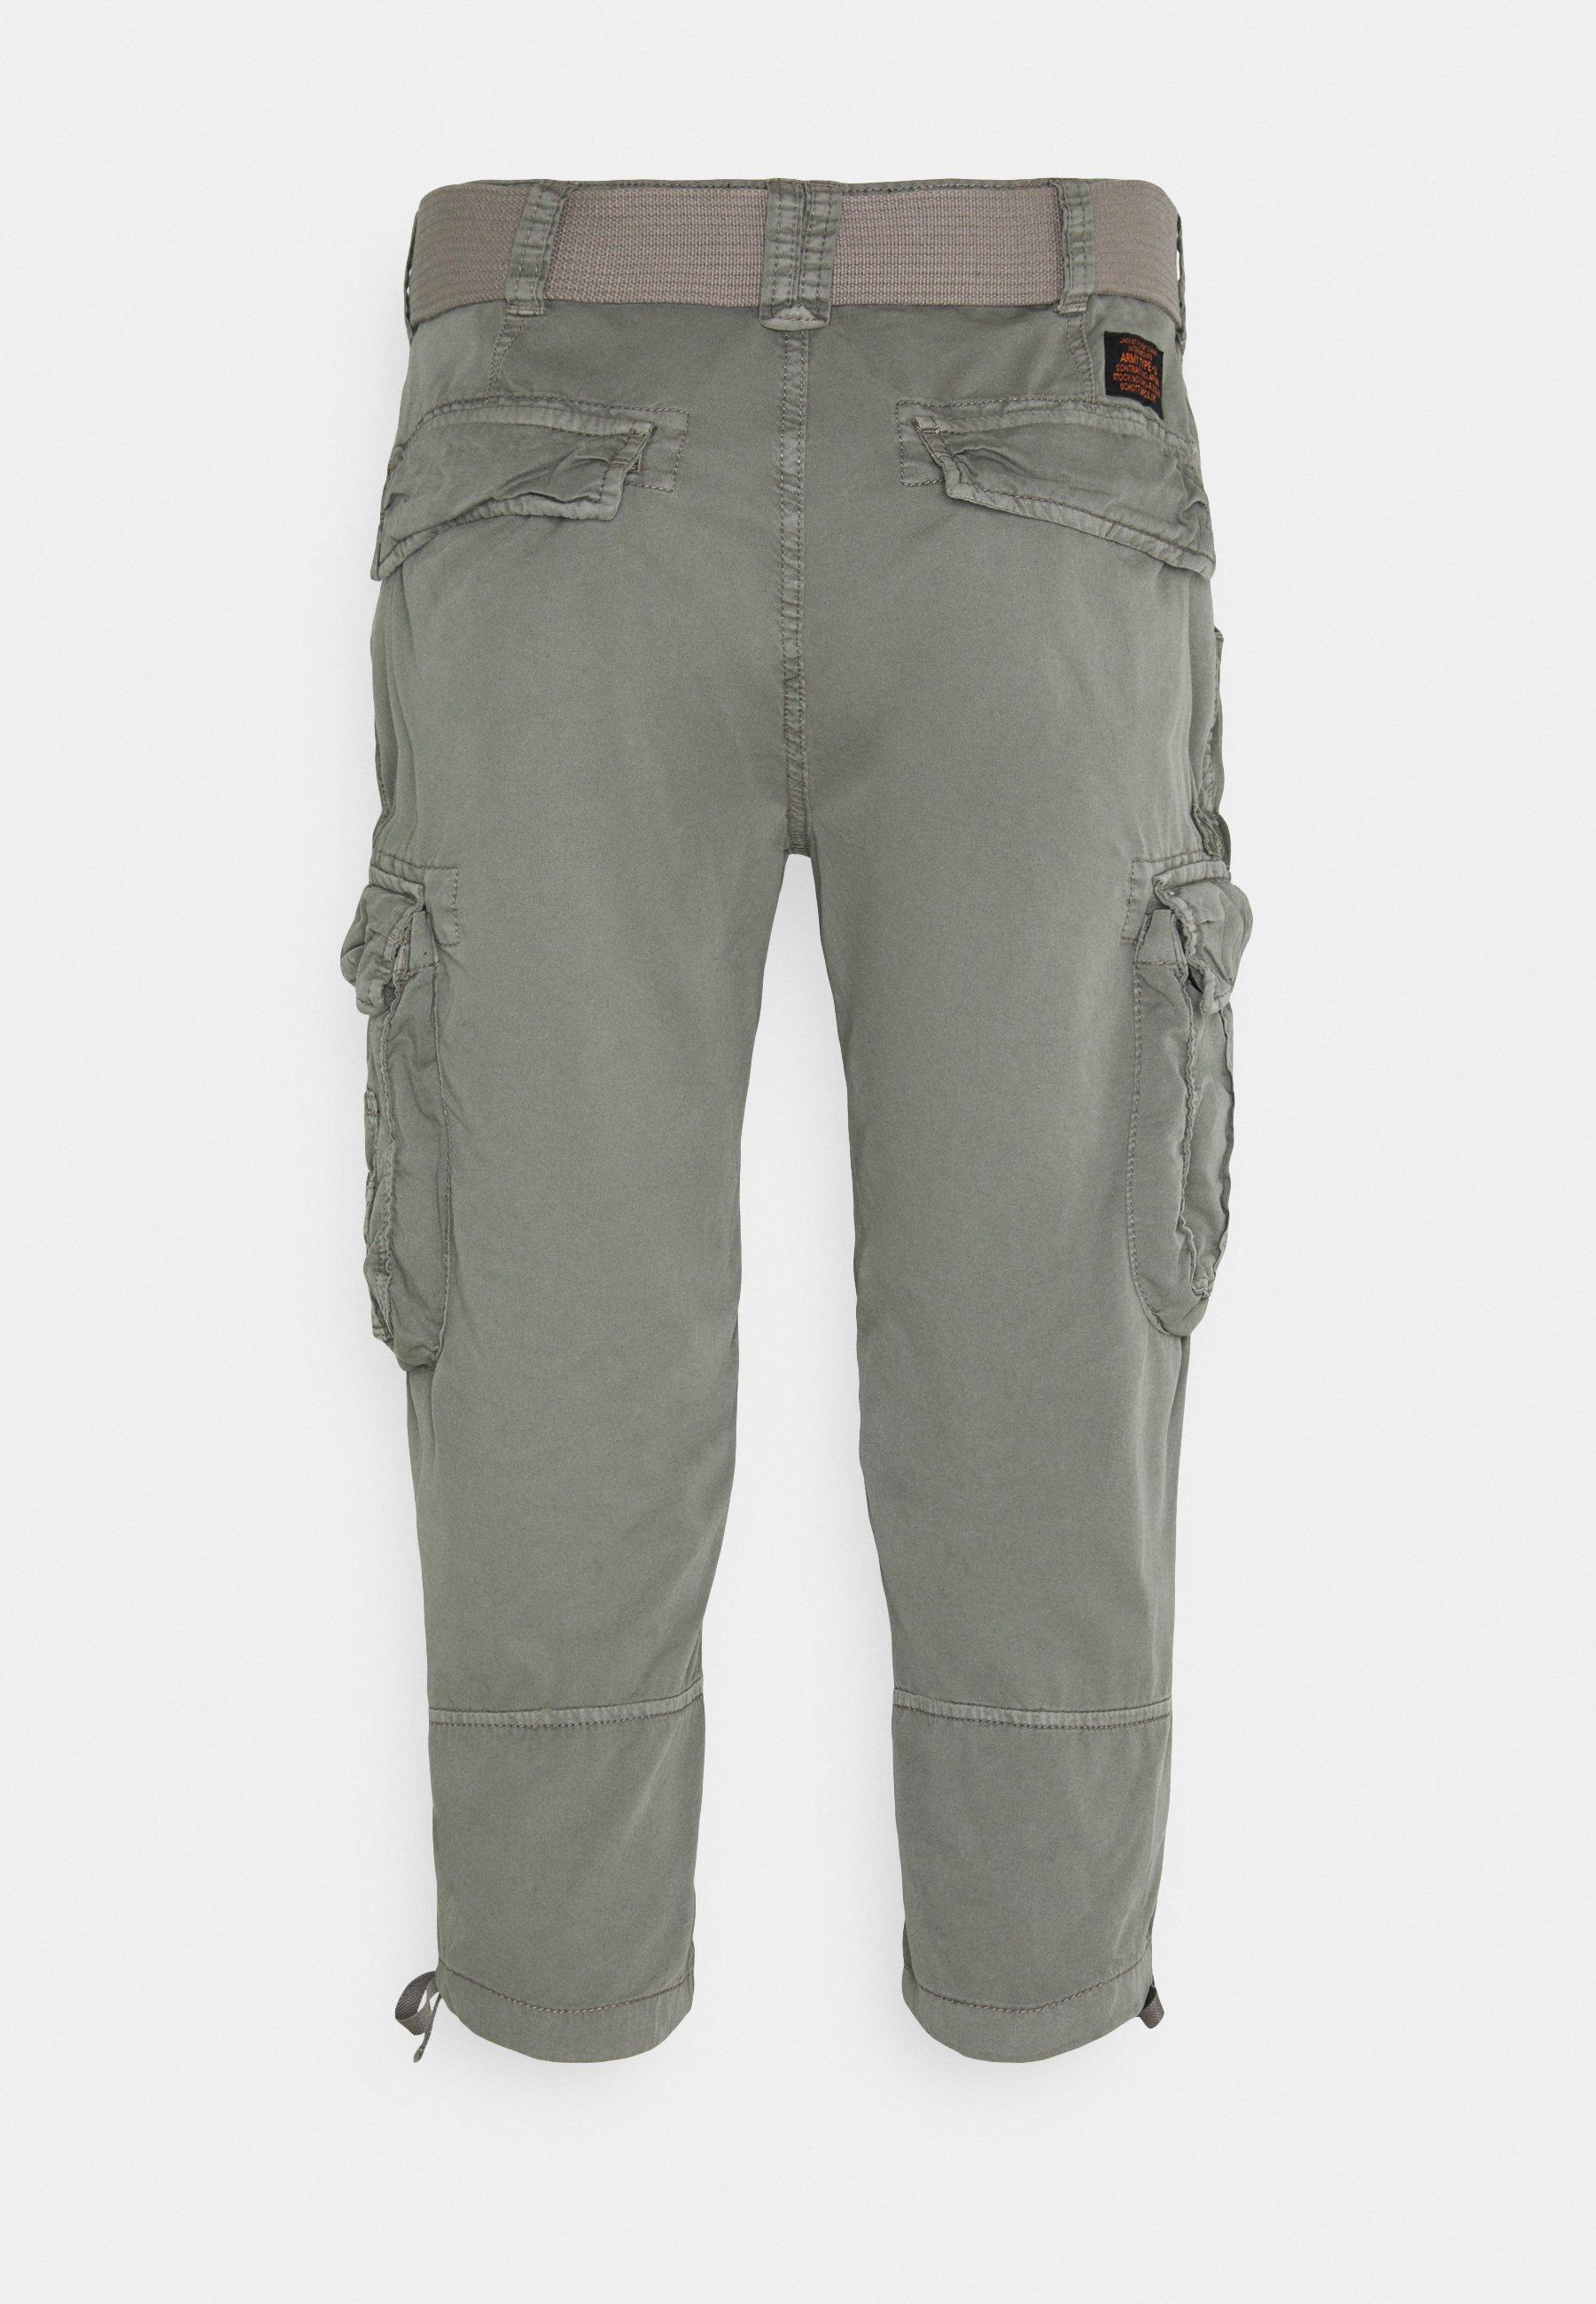 Pantalons kaki Kaporal en ligne | À commander sur Zalando